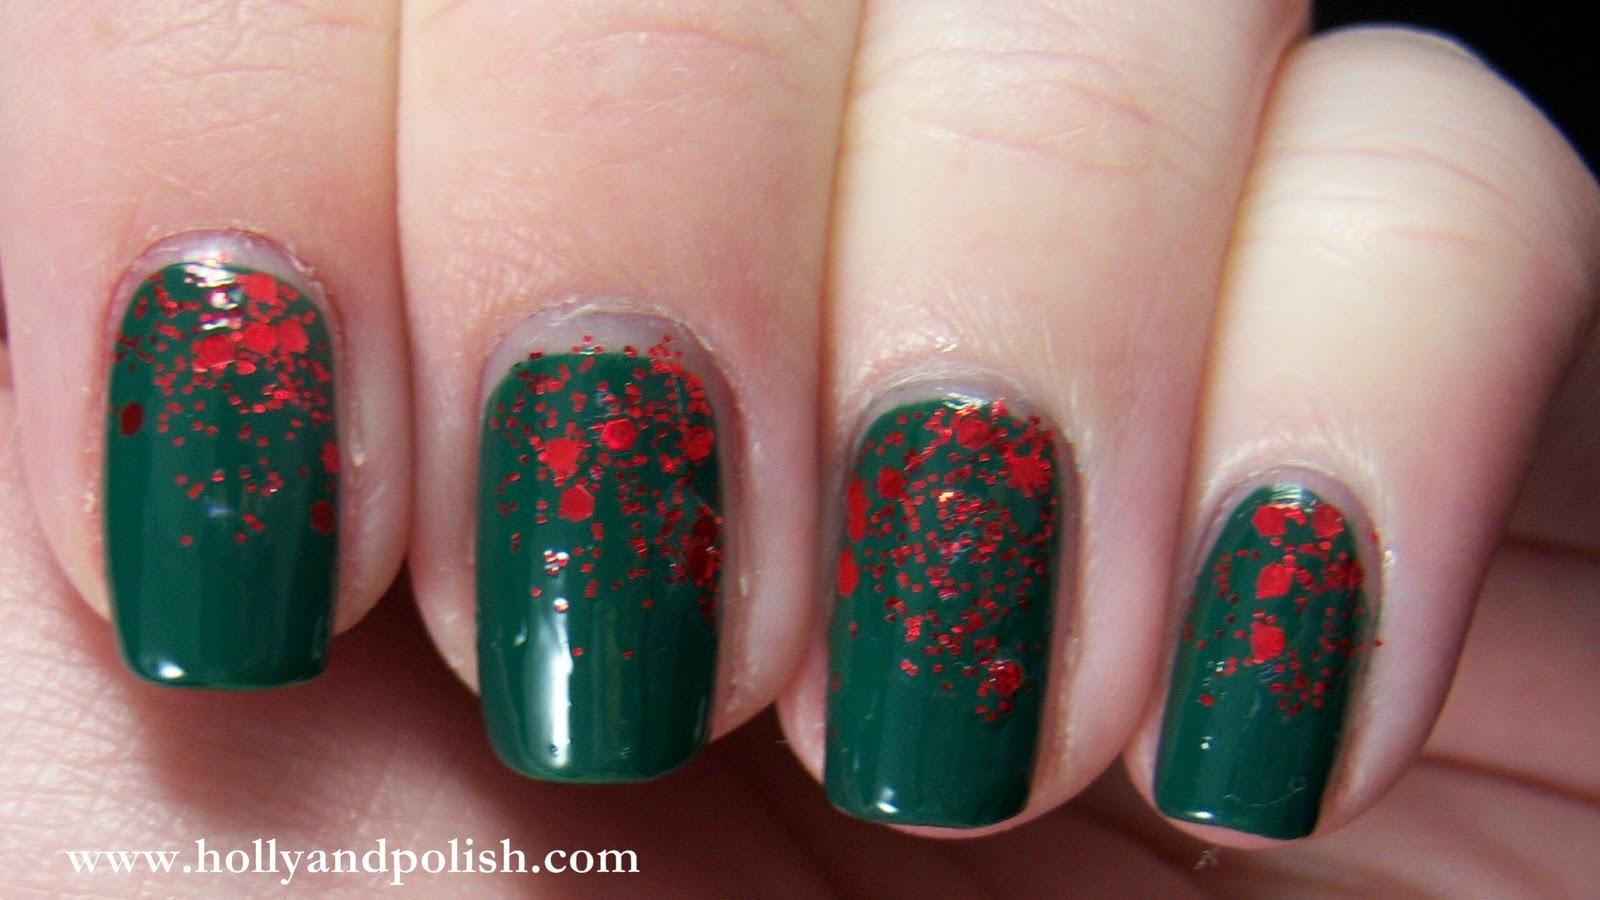 Holly and Polish: A Nail Polish and Beauty Blog: 25 days of ...